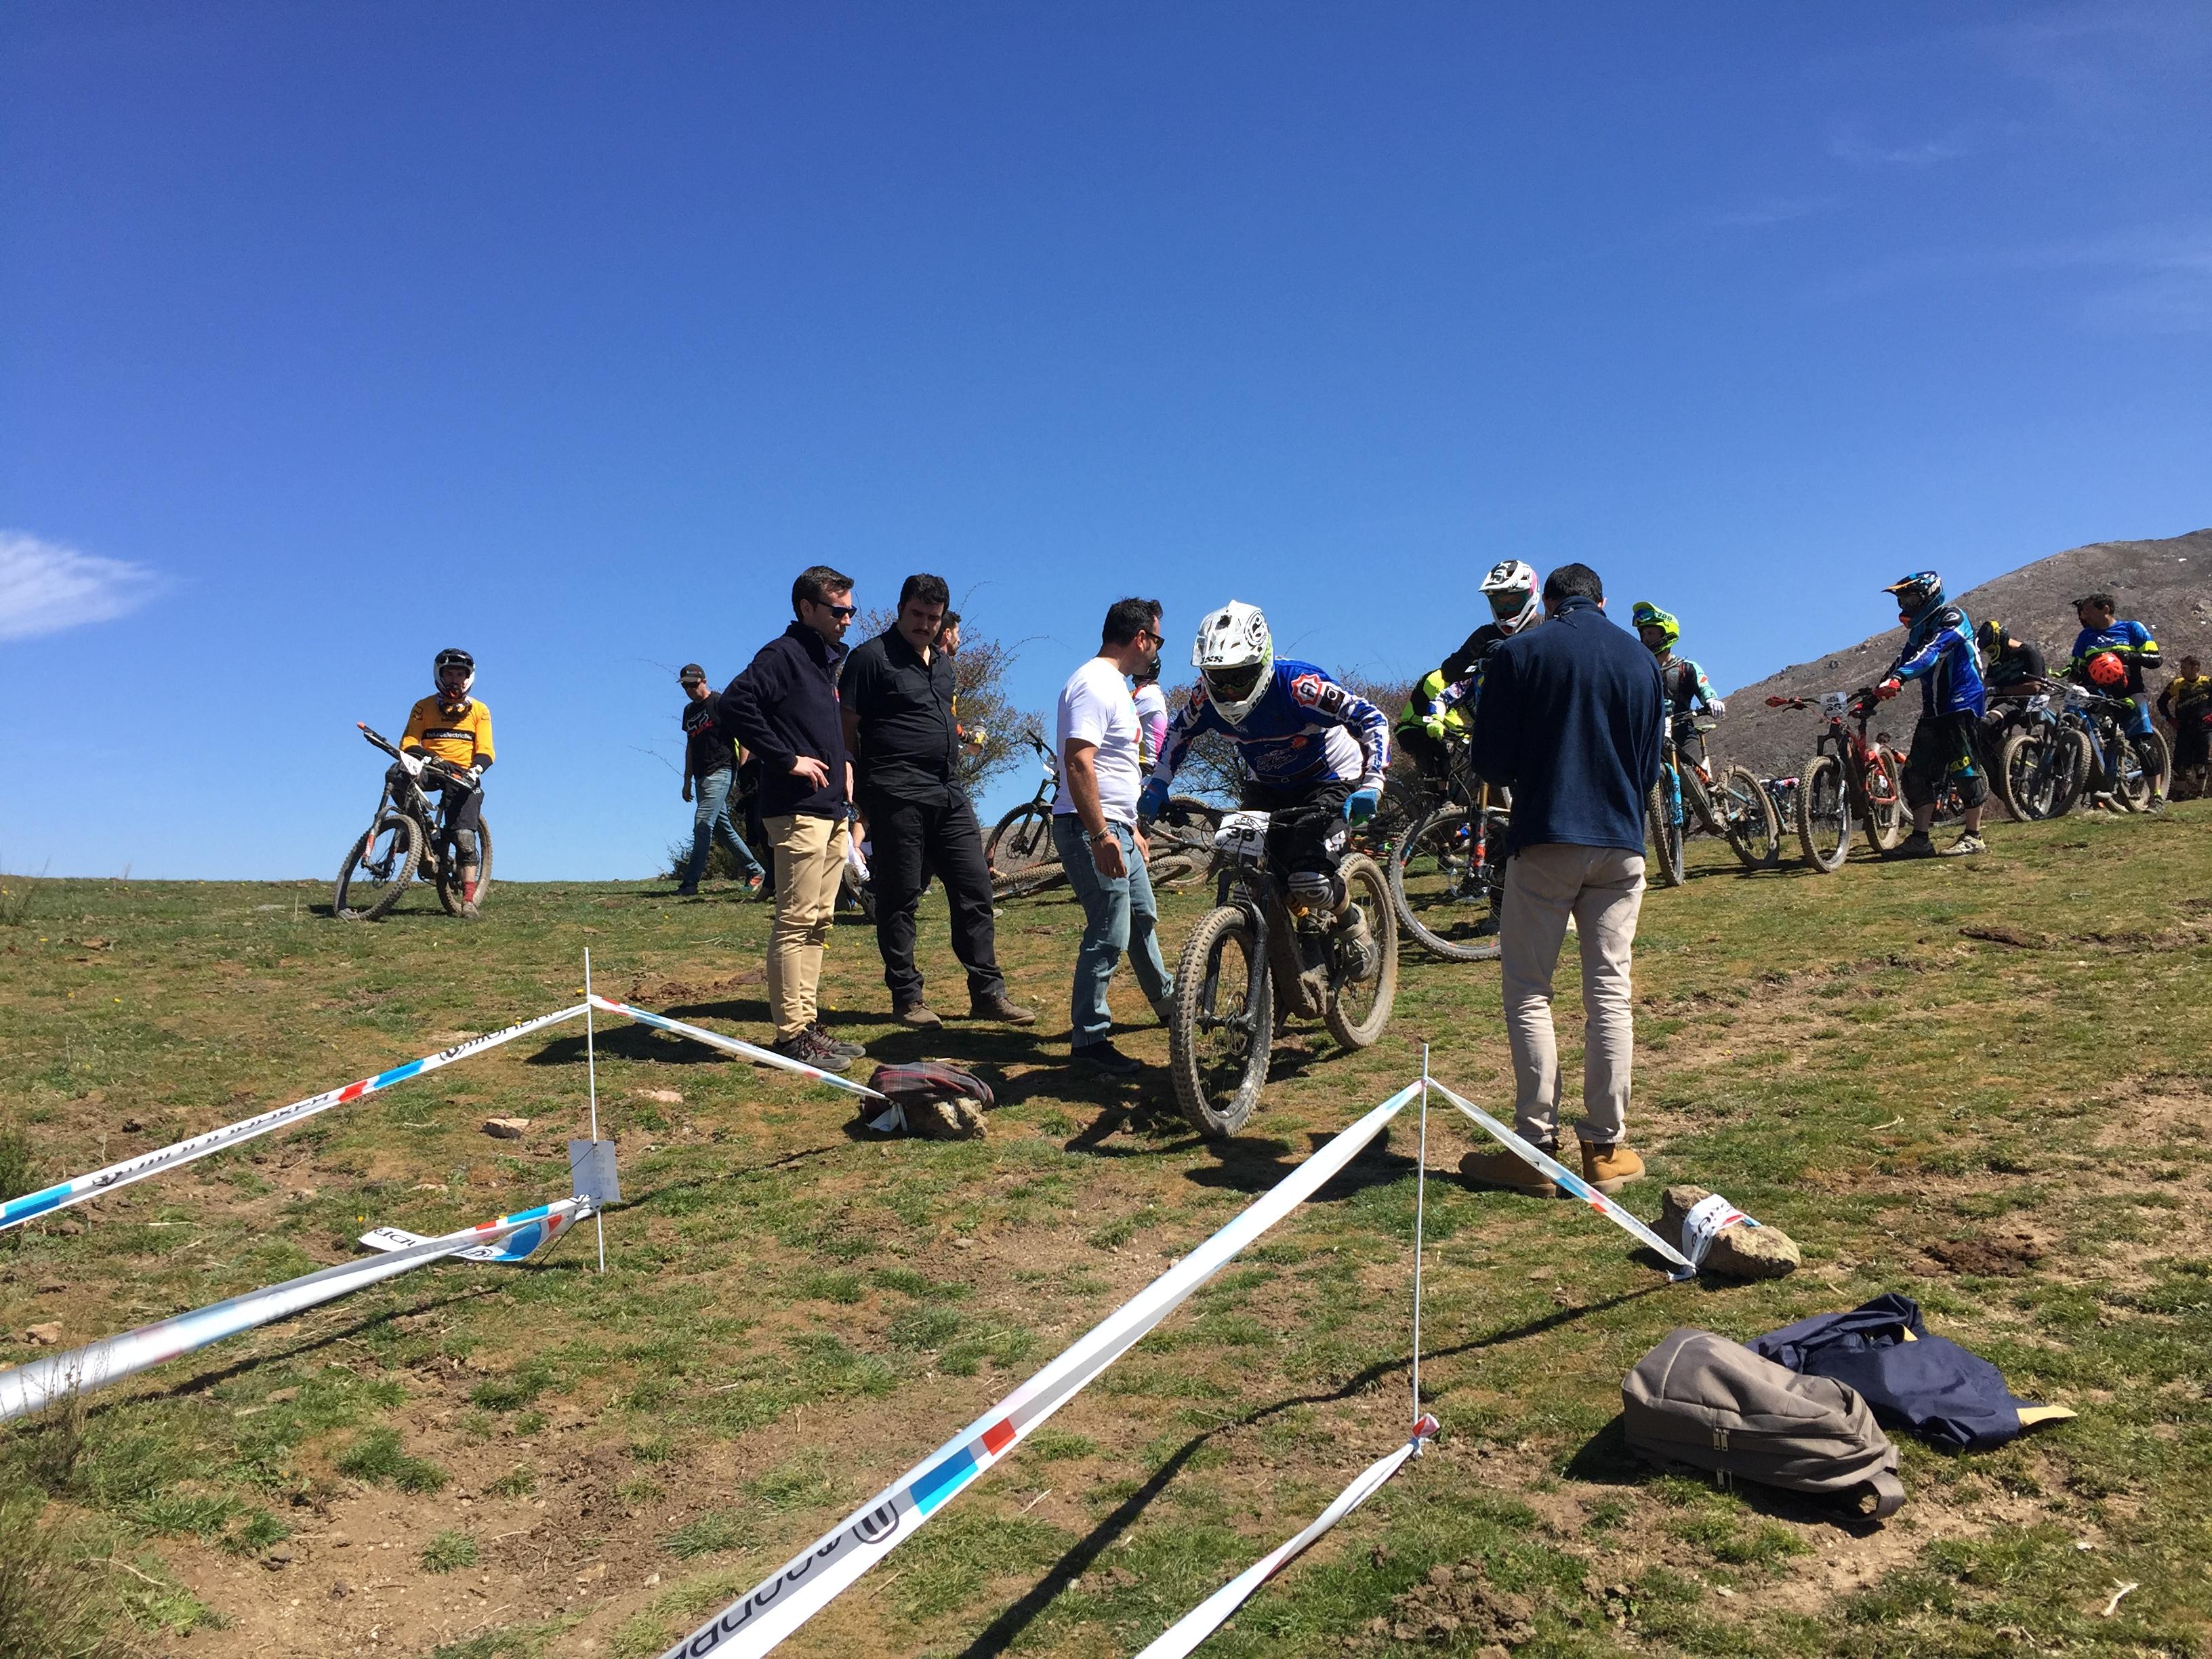 Un centenar de ciclistas participan en la I Copa del Mundo de Bicicletas Eléctricas celebrada en Granada